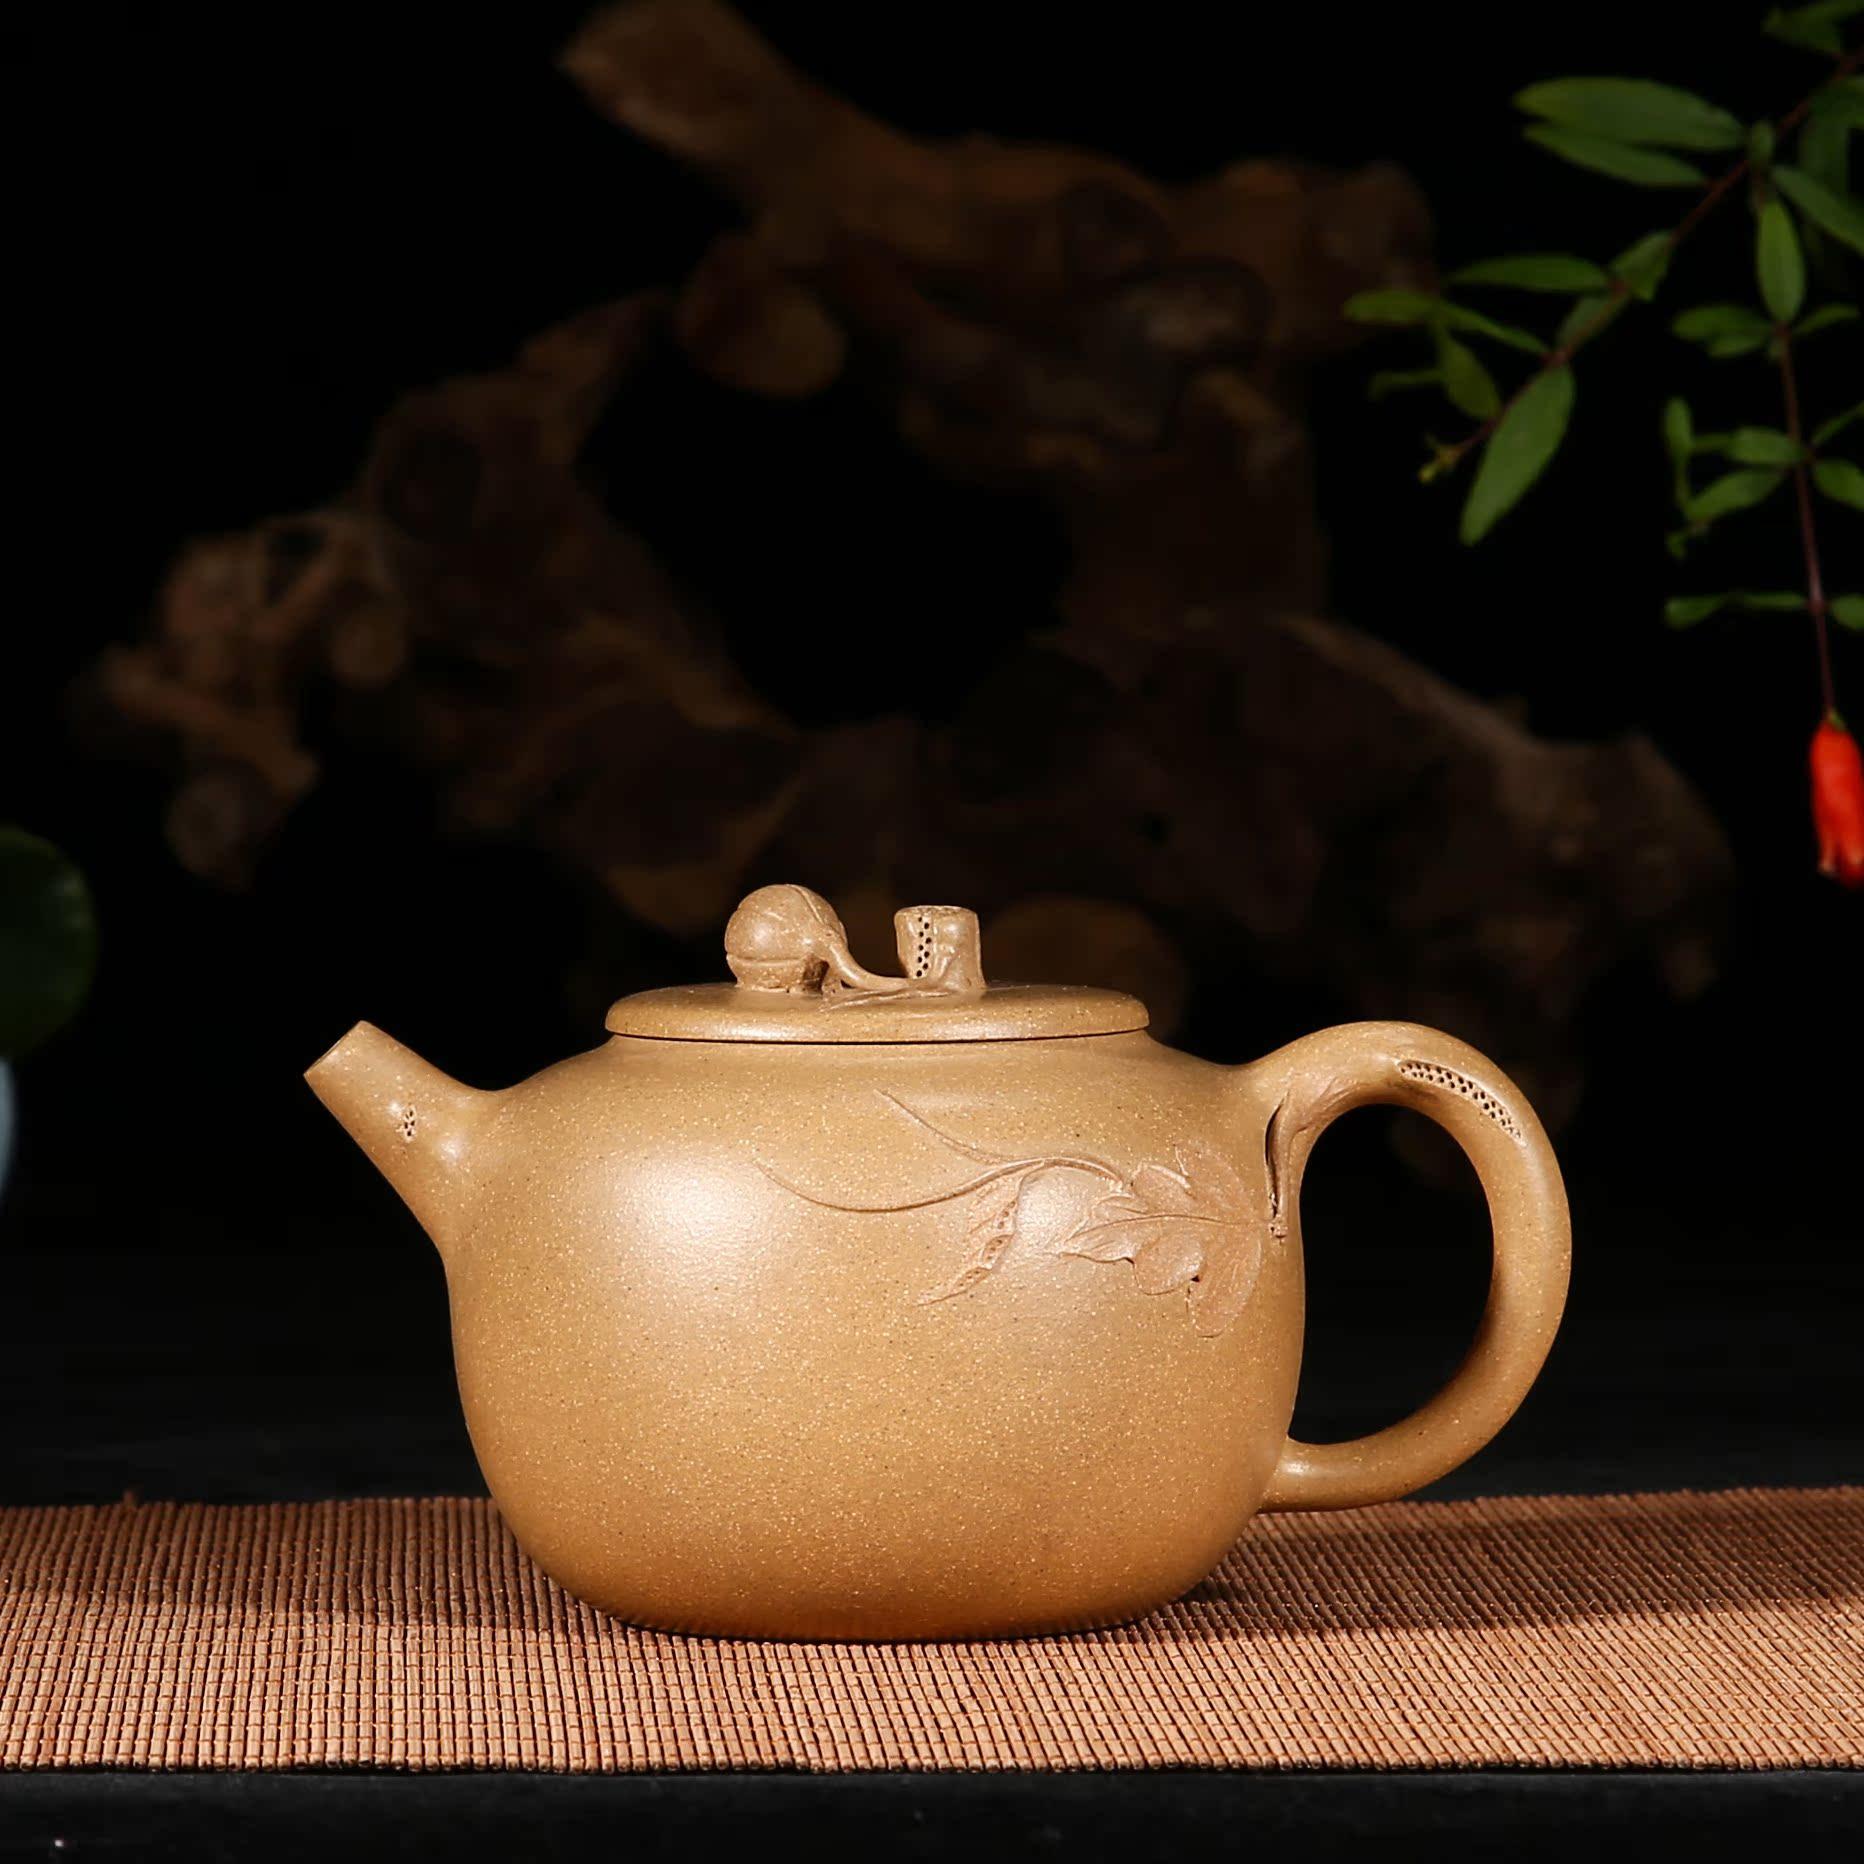 宜兴紫砂国家工艺美术师王芳全手工制作 原矿老段泥 柿子壶正品图片